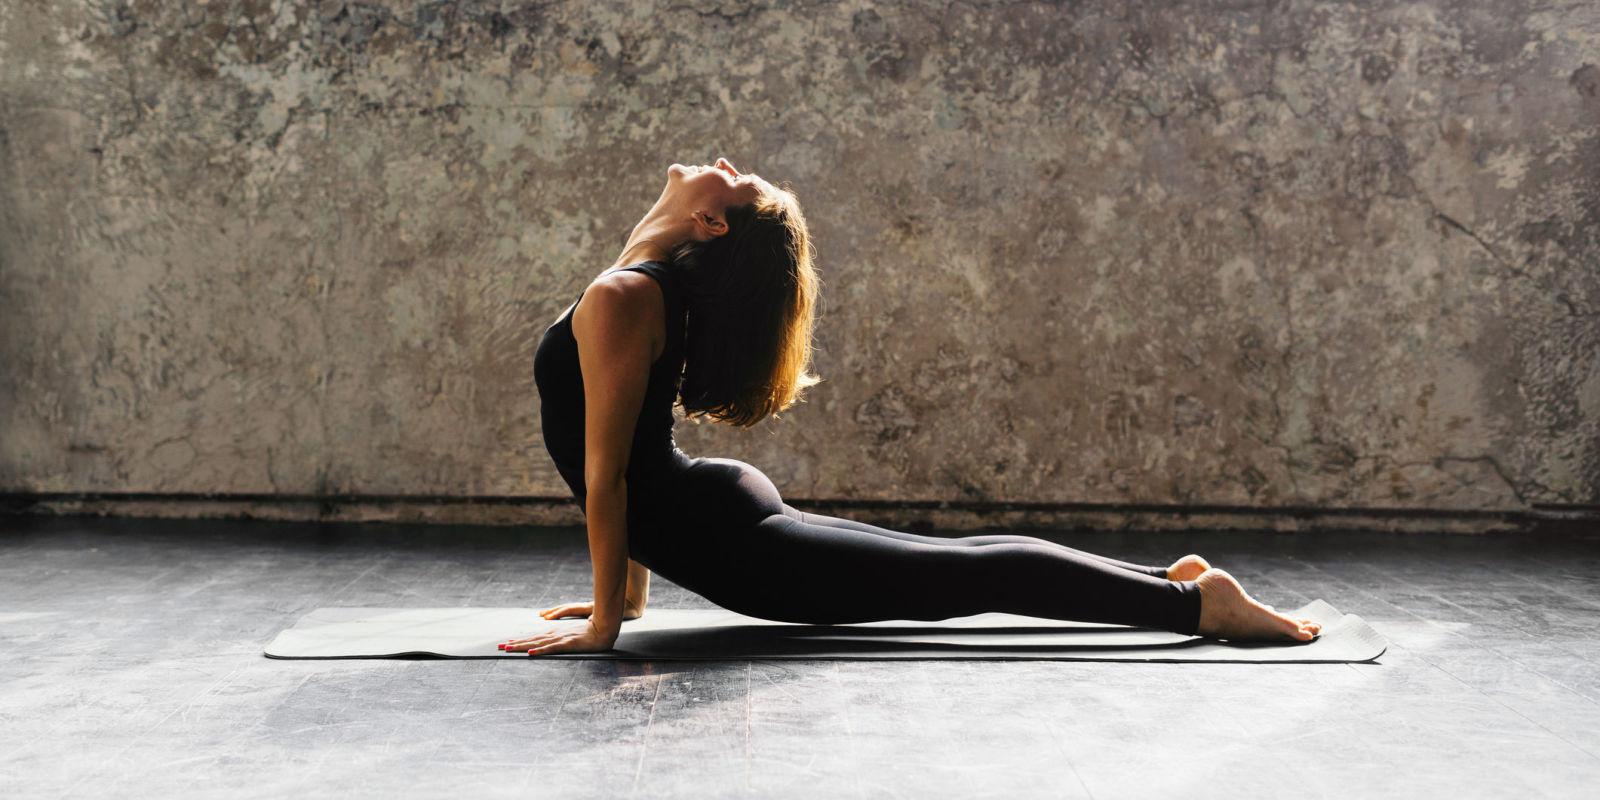 Le Posizioni Yoga Per Il Tuo Segno Zodiacale